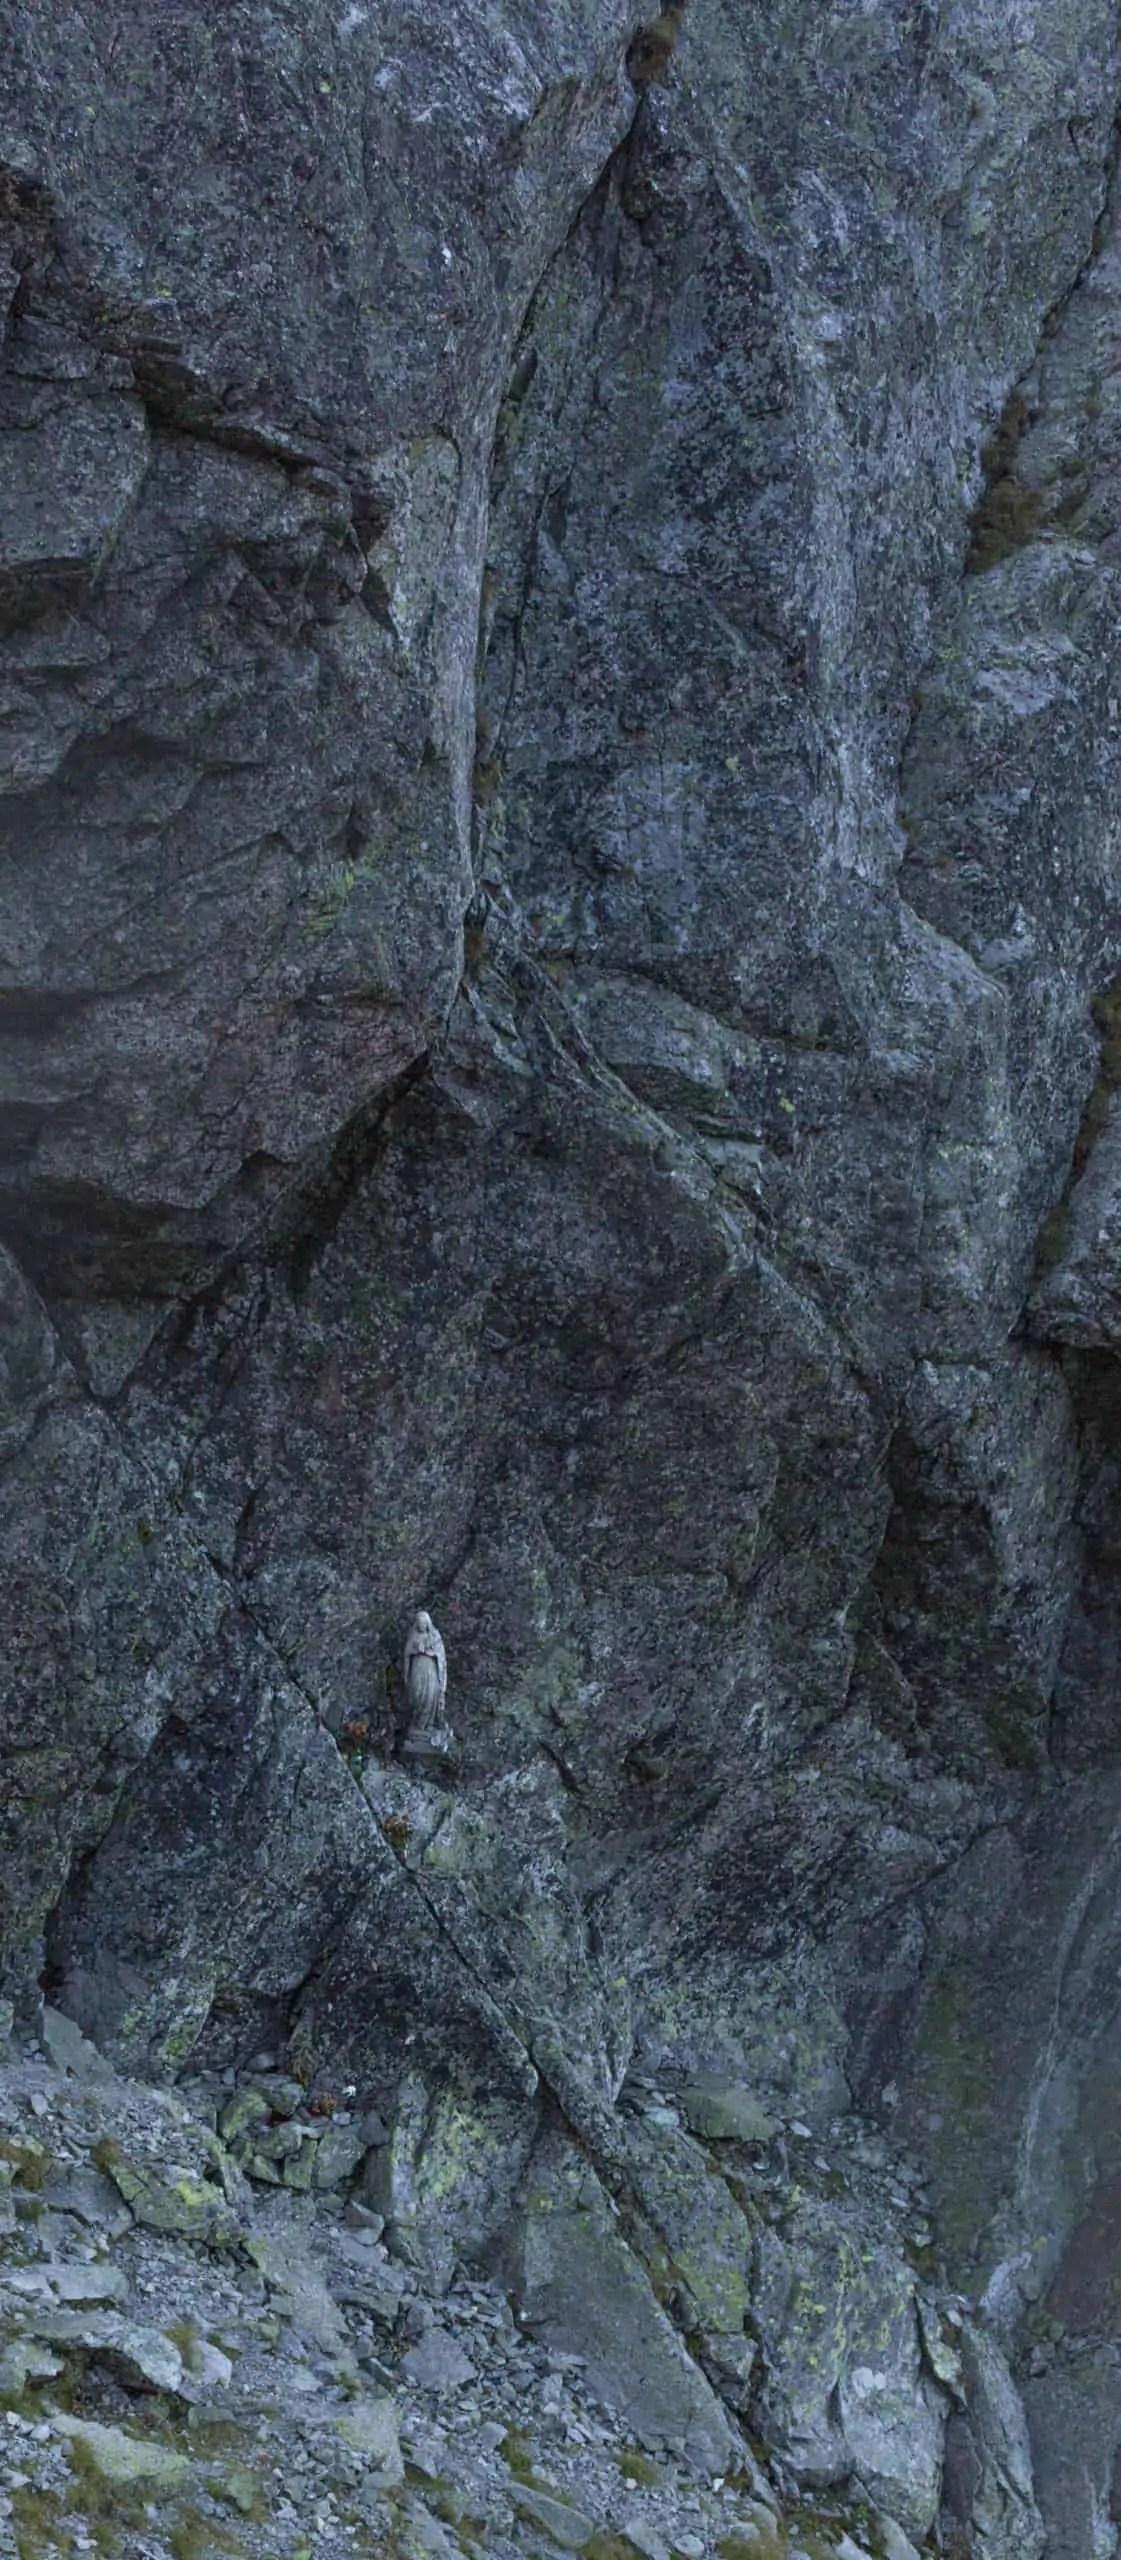 Kapliczka w surowych gorach to zdecydowanie powazne emocje w fotografii - Fotografie do druku